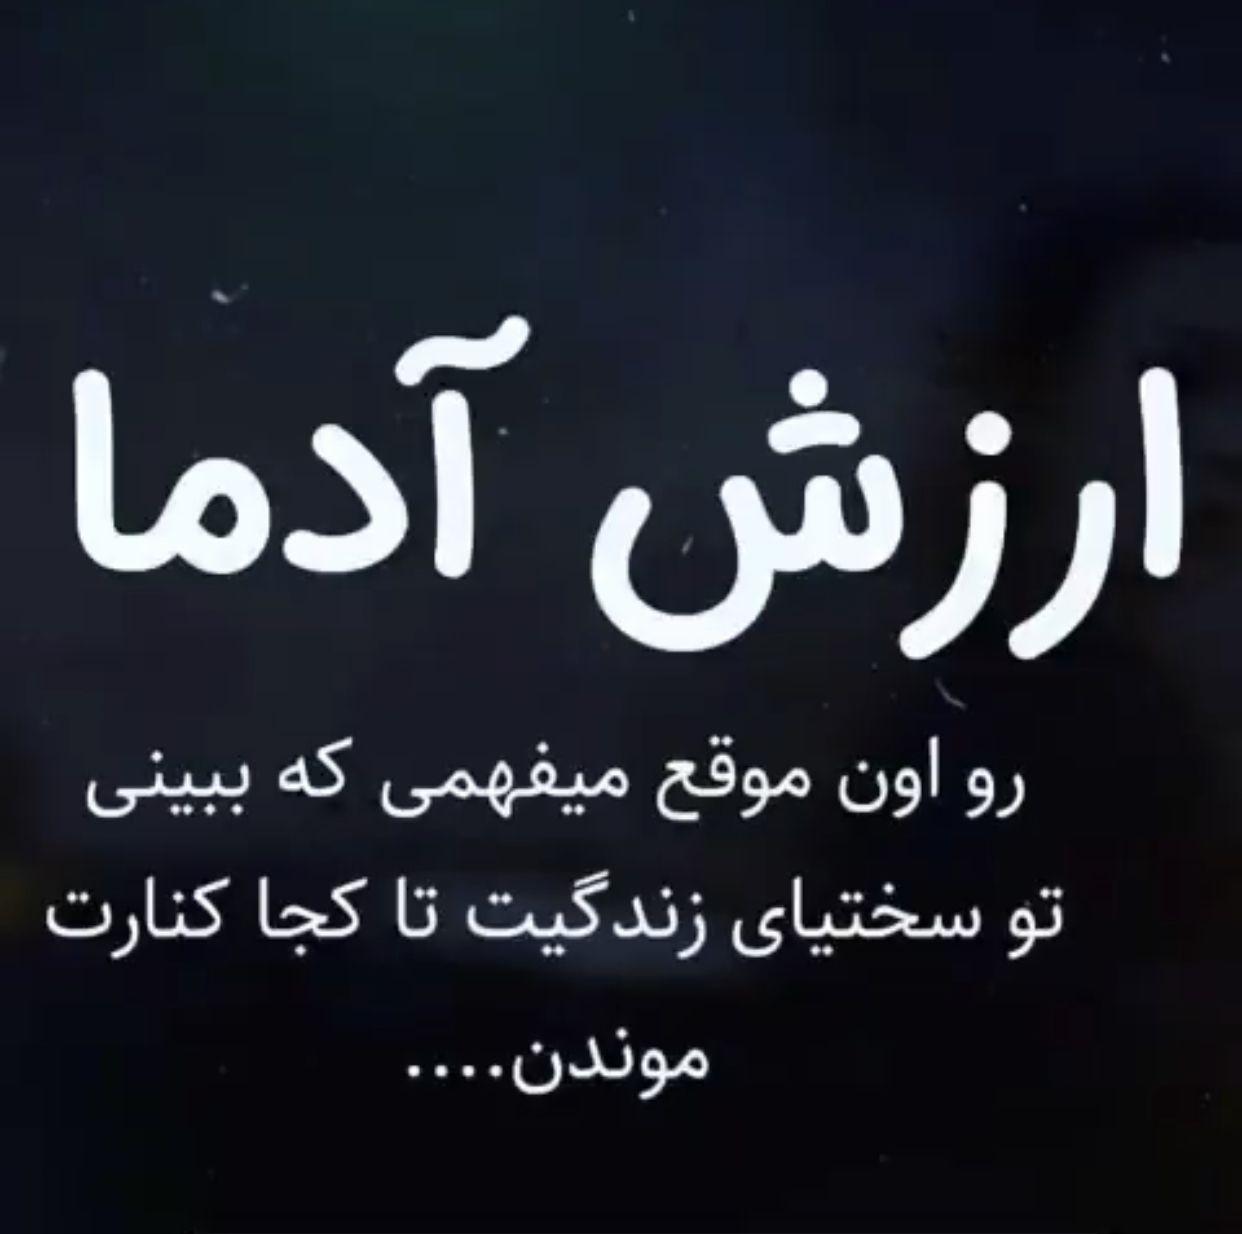 ارزش آدما Persian Quotes Farsi Quotes Text On Photo